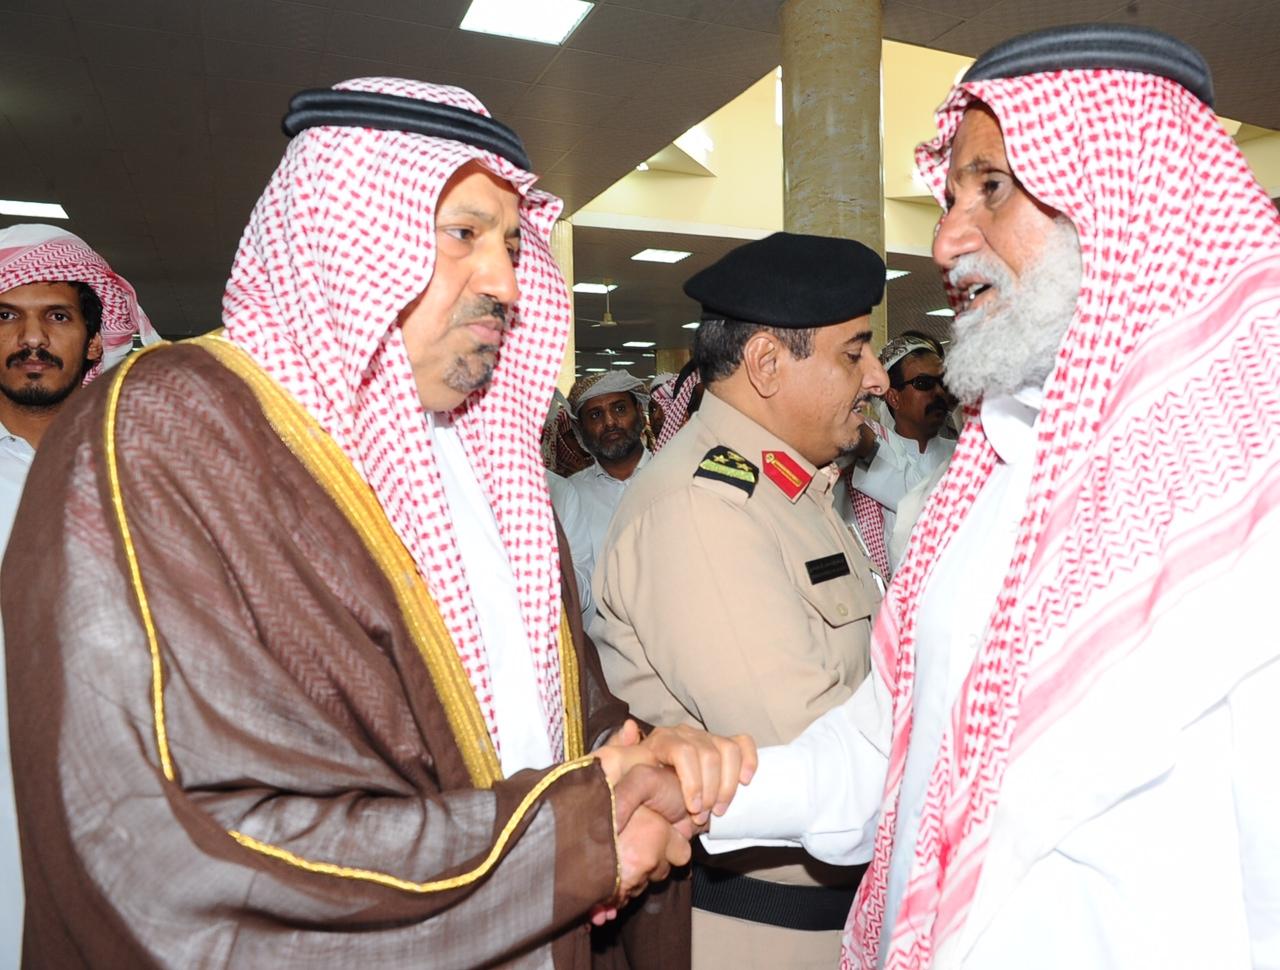 صور جنازة و تشييع جثمان مسعد بن مفرج الكربي بجامع الأمير مشعل بن سعود